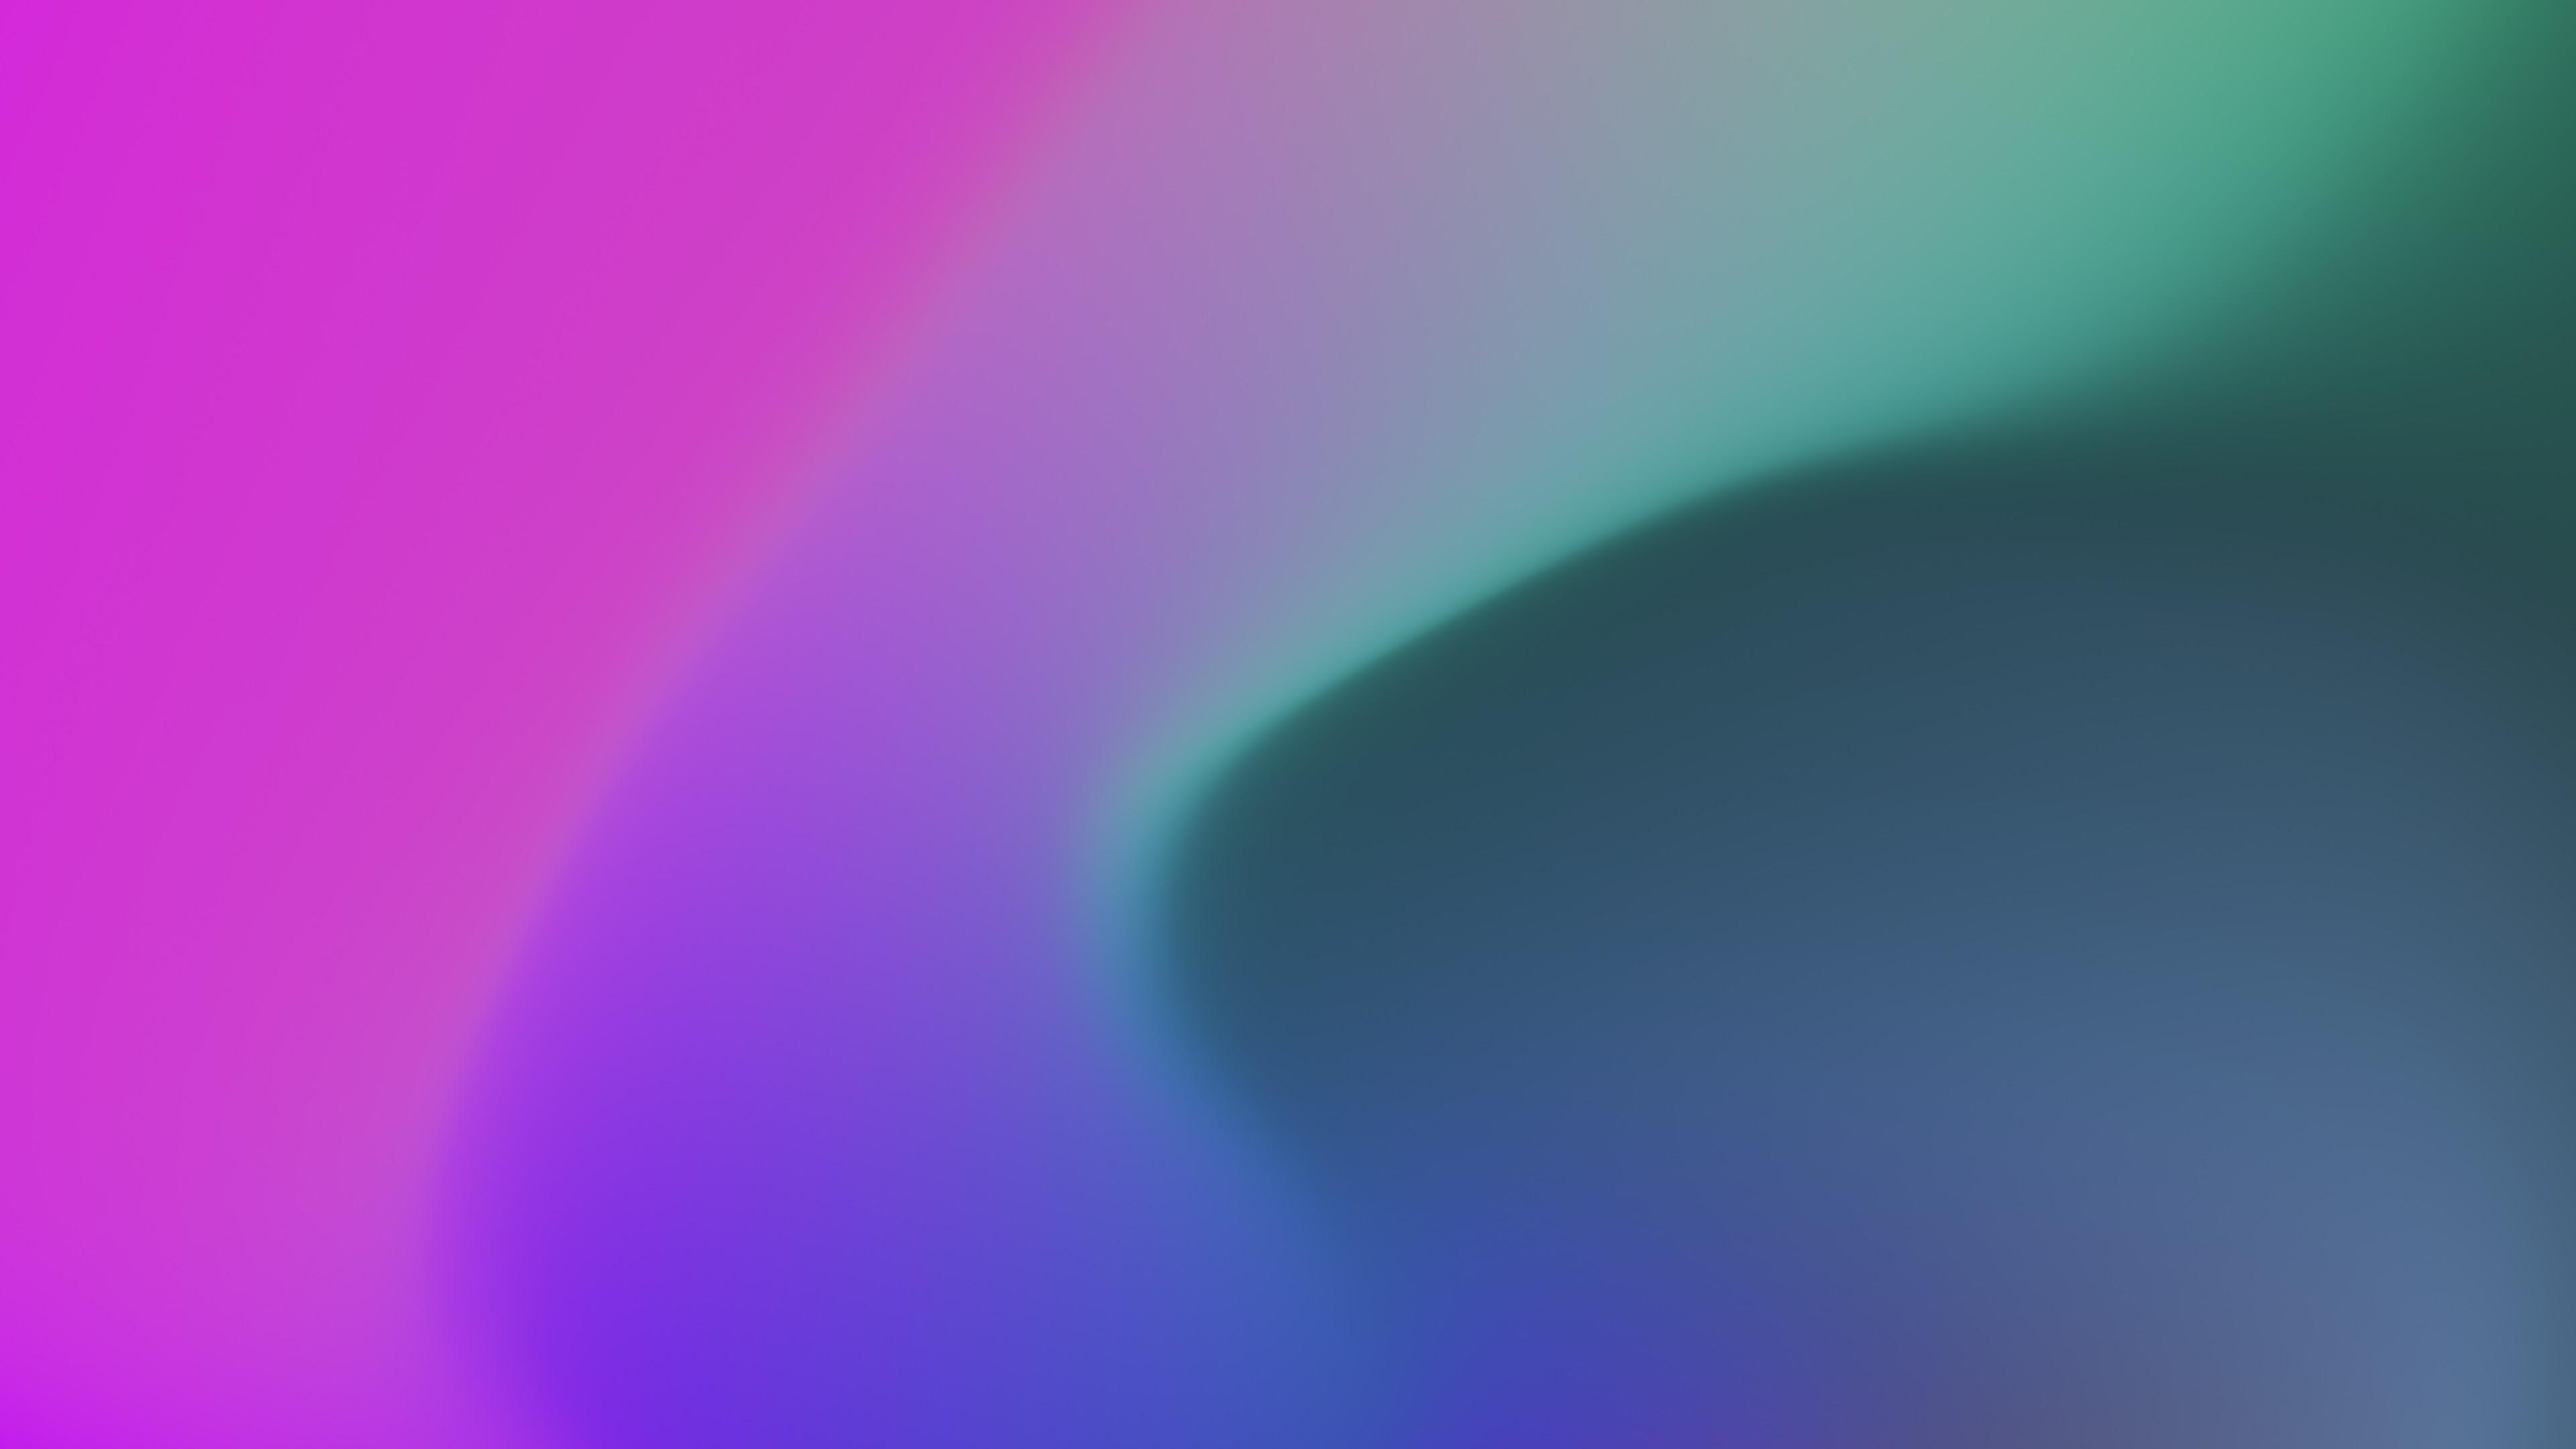 Расплывчатый зеленый овал в оттенках ультрафиолета